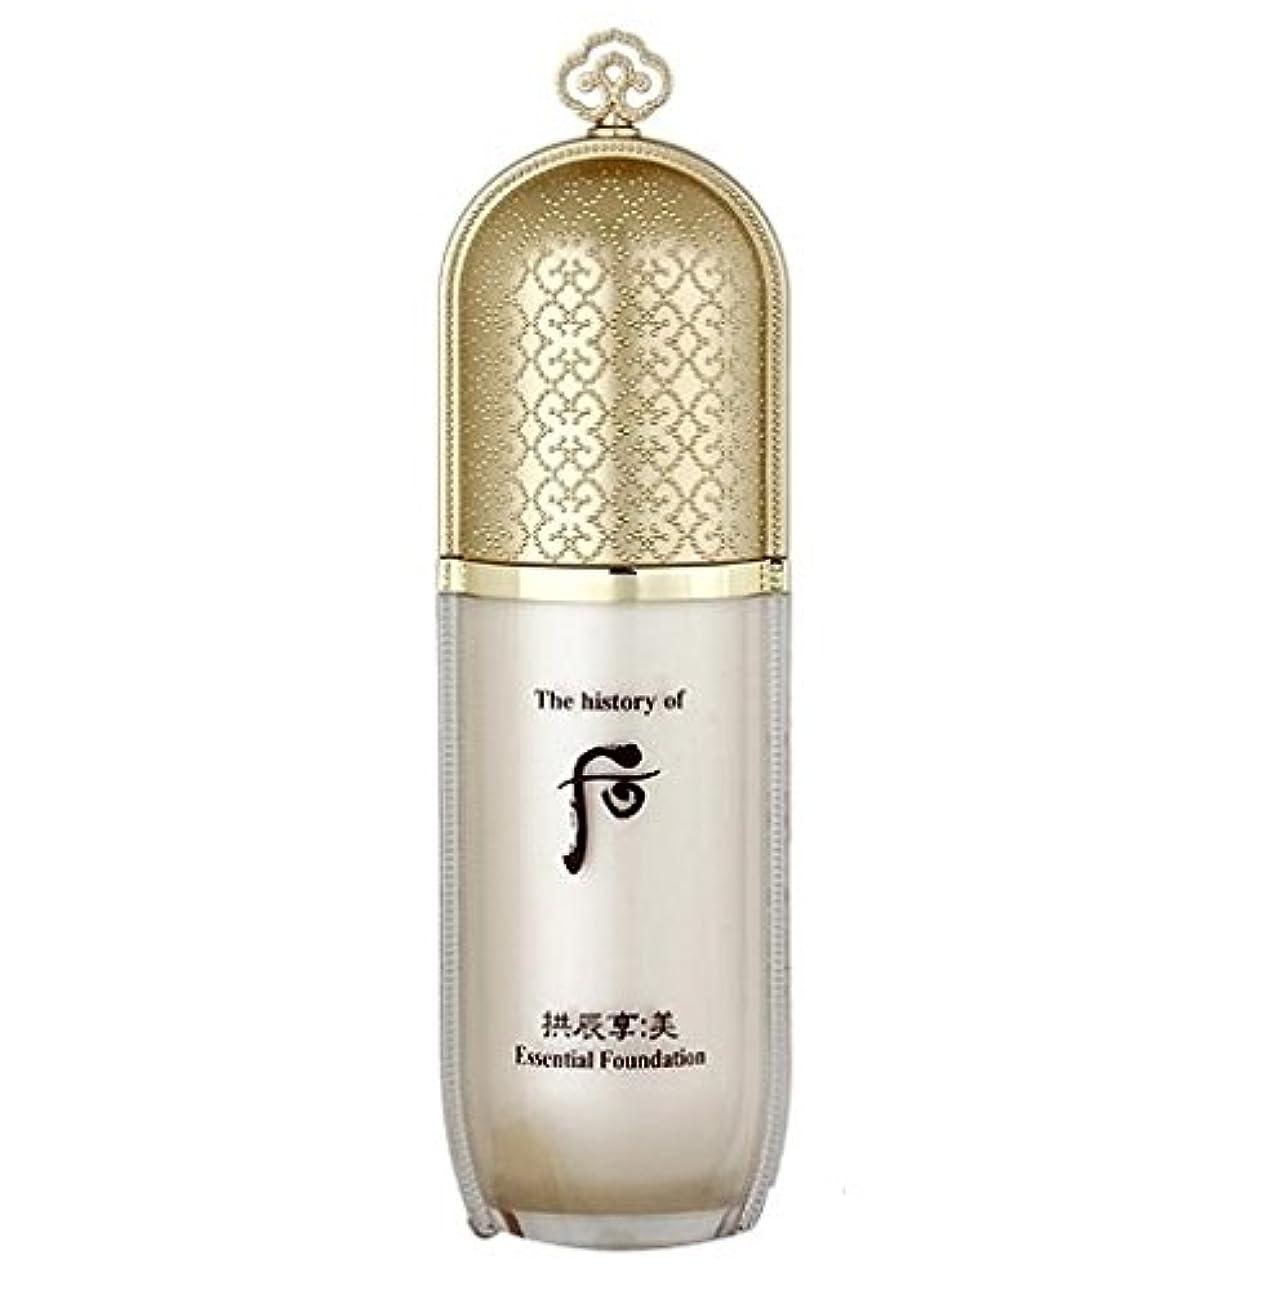 シャンプー設計図ちなみにThe history of Whoo Gongjinhyang Mi Essential Foundation #1 40ml K-beauty[並行輸入品]